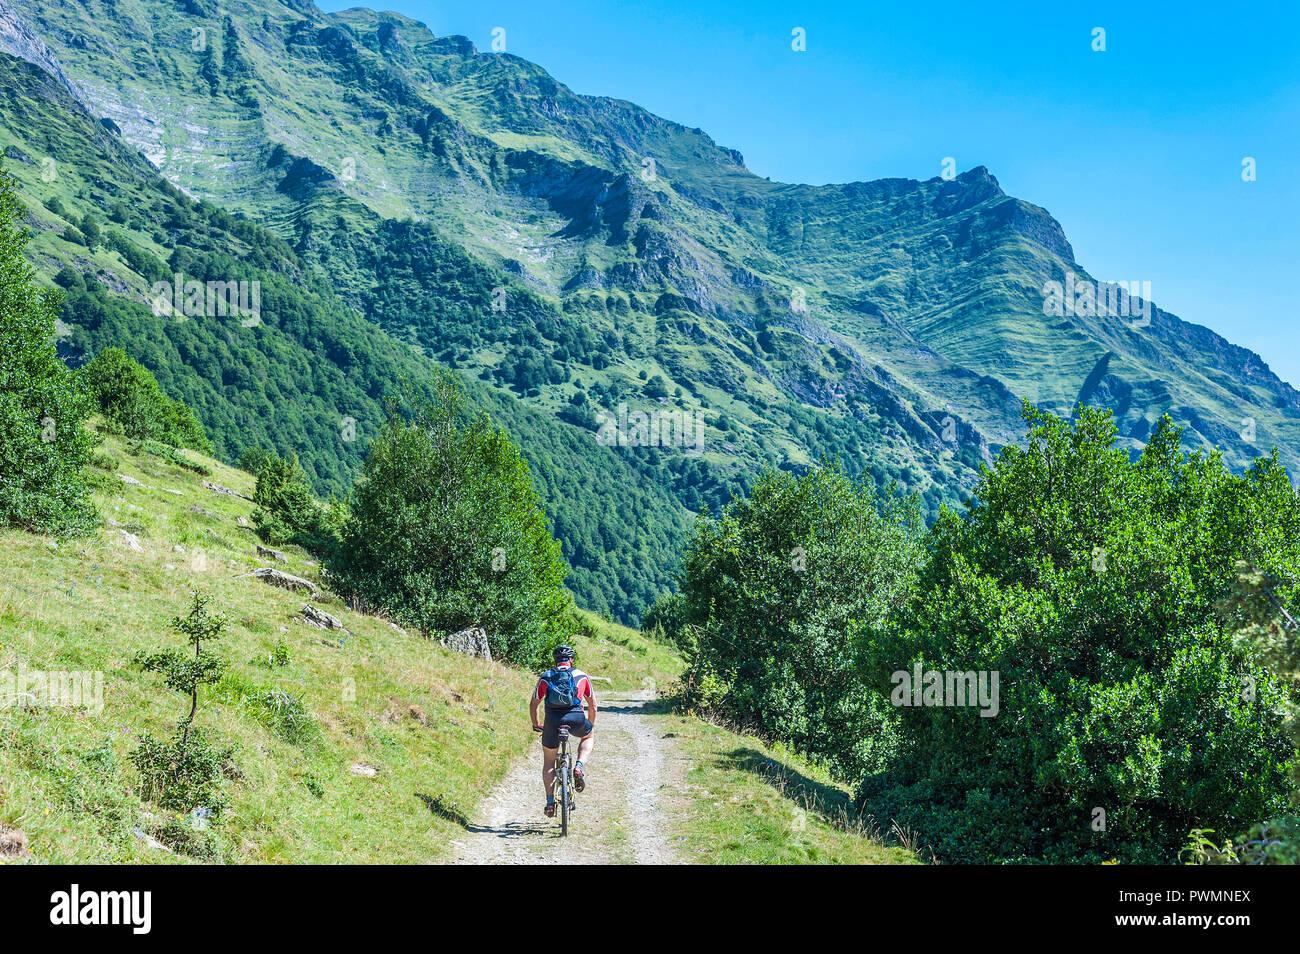 Francia, Parco Nazionale dei Pirenei, regione Occitanie, Val d'Azun, Haute-vallee d'Estaing, ciclisti, mountain bike su una traccia Immagini Stock